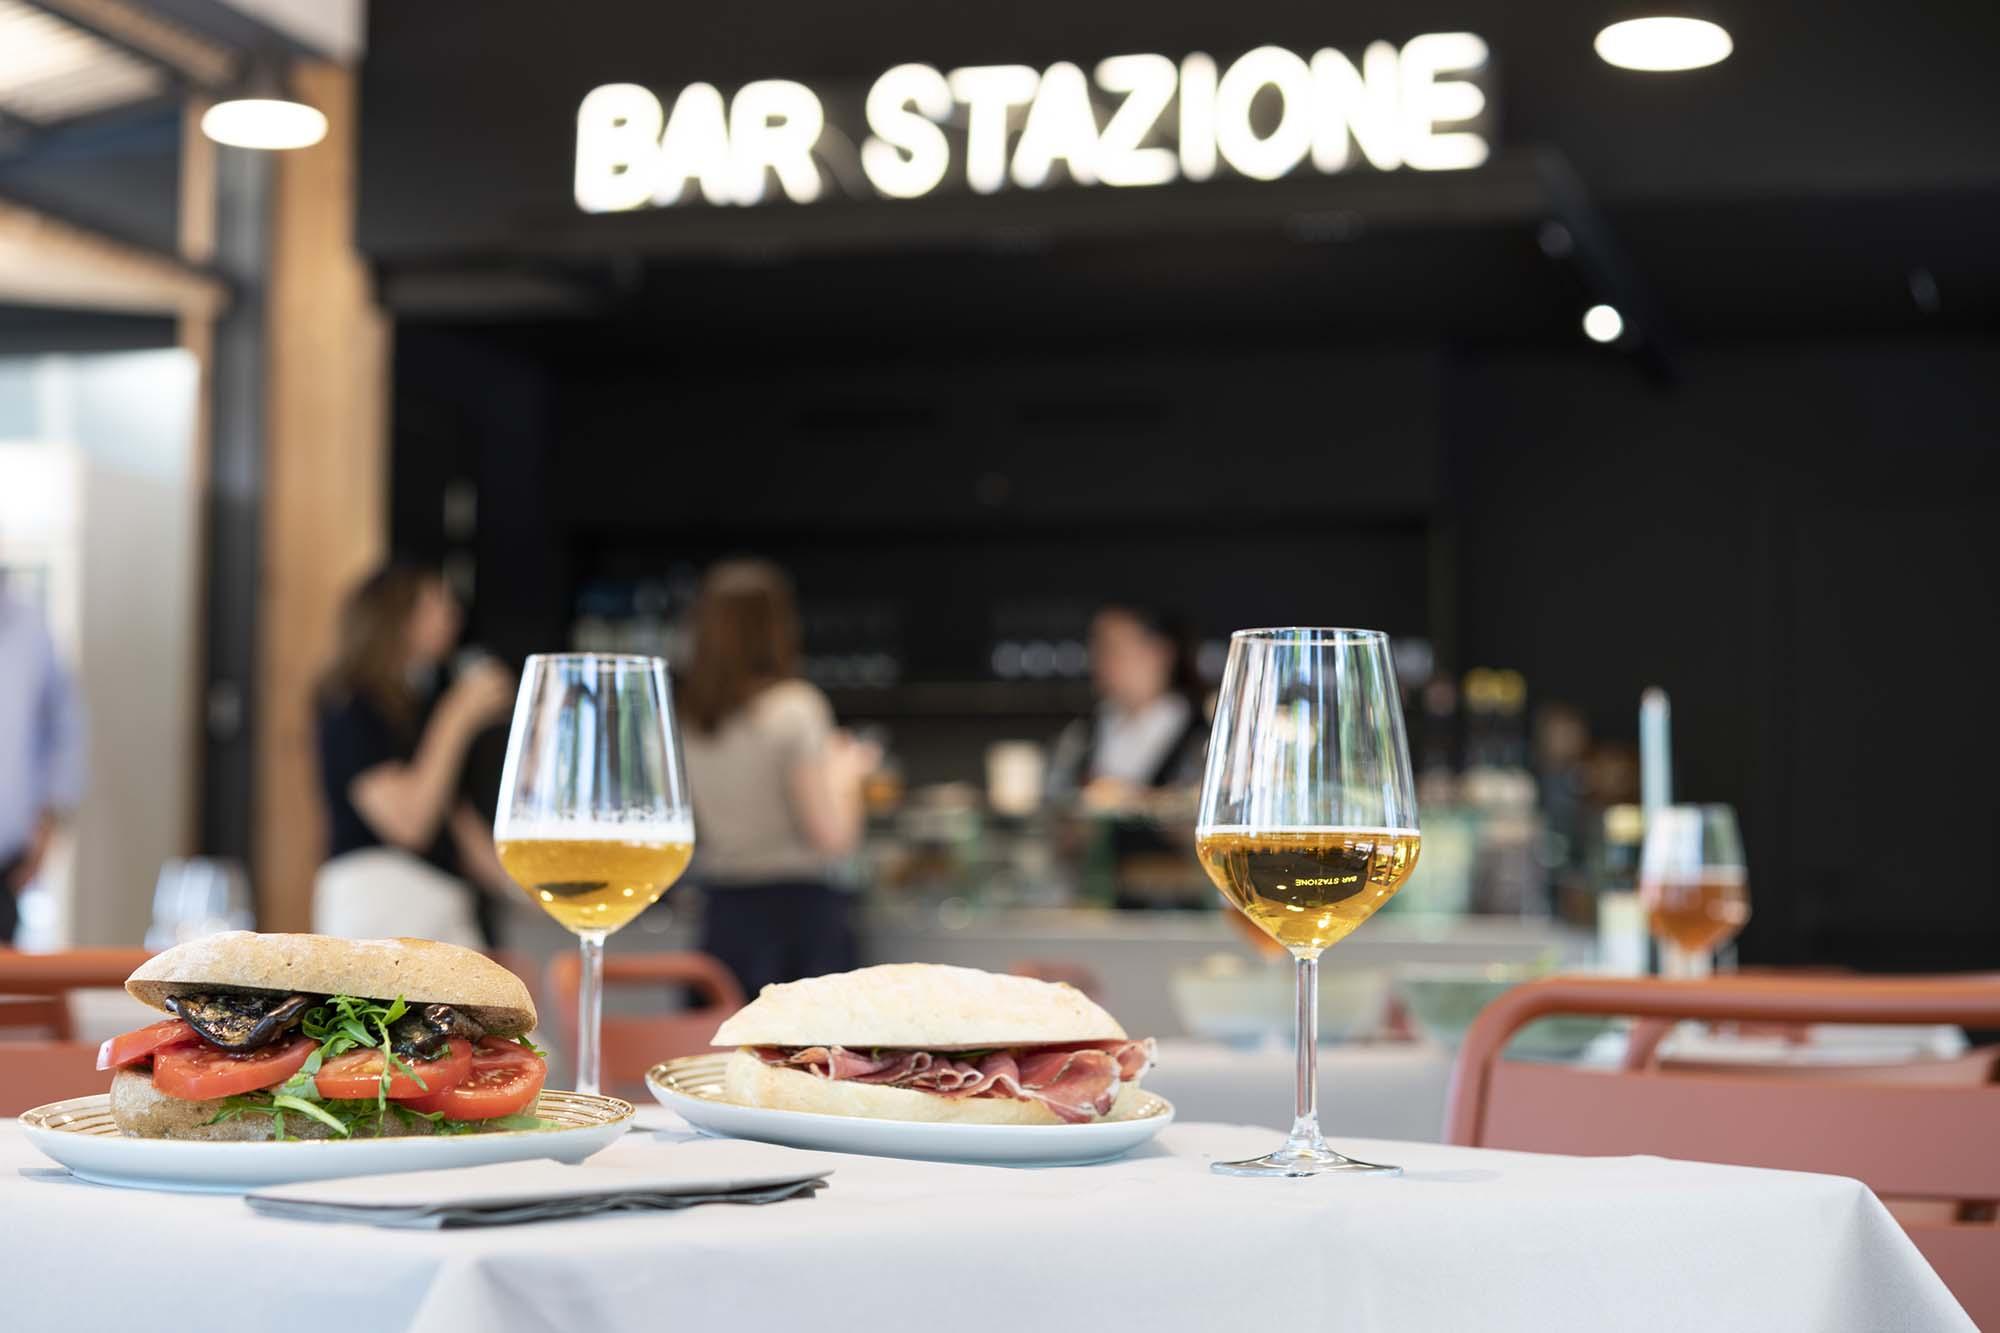 tavolo apparecchiato con panini e calici di vino al bar stazione Mottarone